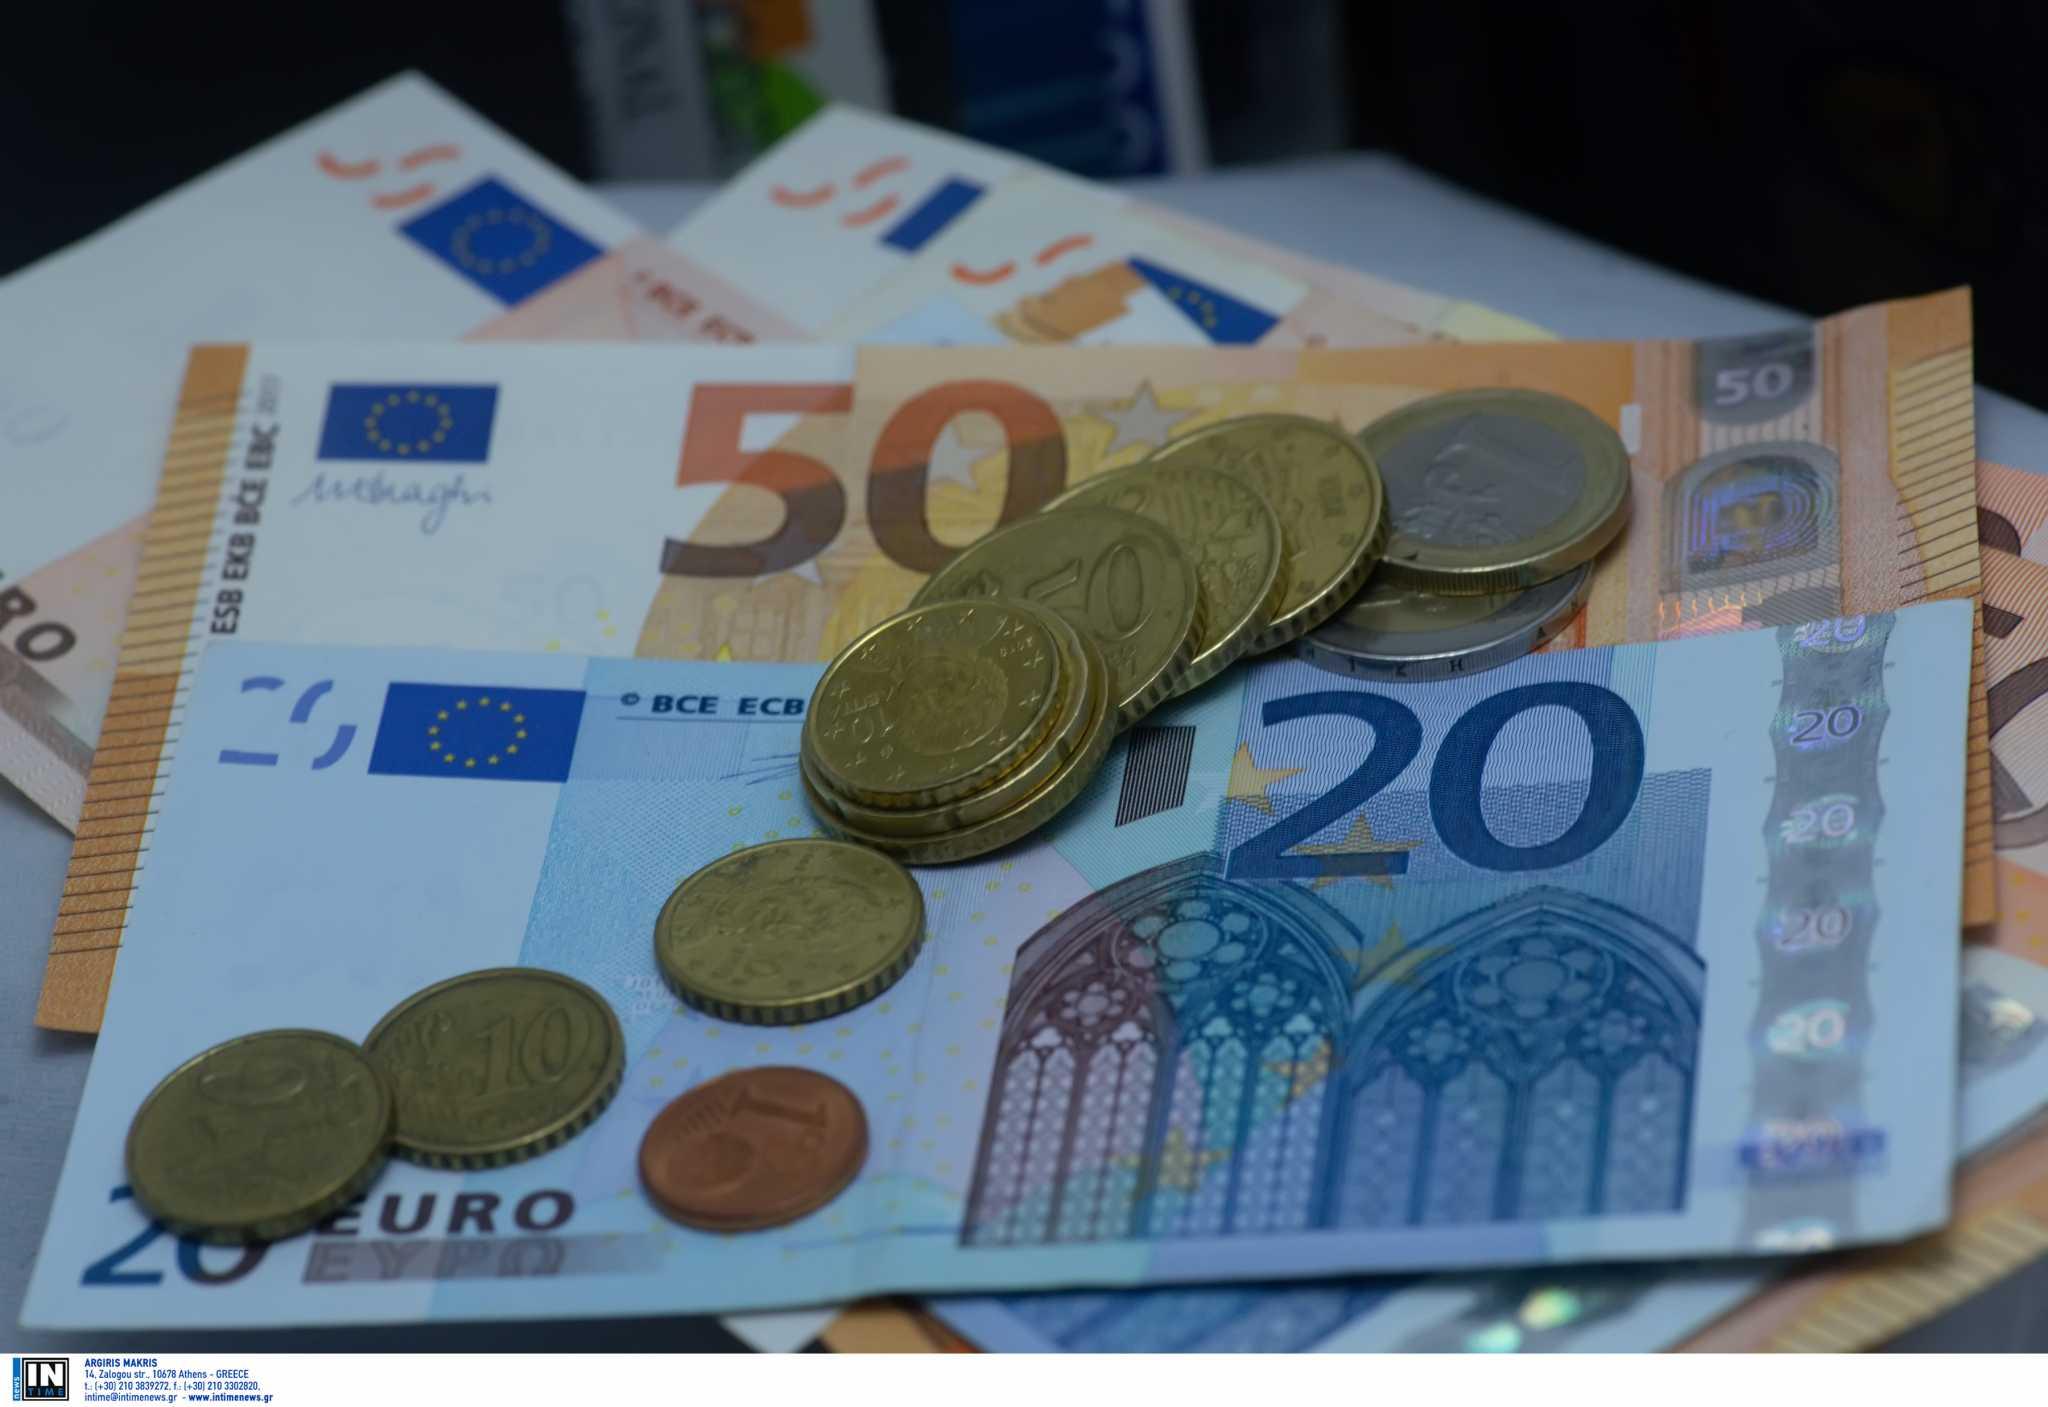 Πρόγραμμα ΣΥΝ-ΕΡΓΑΣΙΑ: Πότε θα γίνουν οι πληρωμές του Ιουλίου